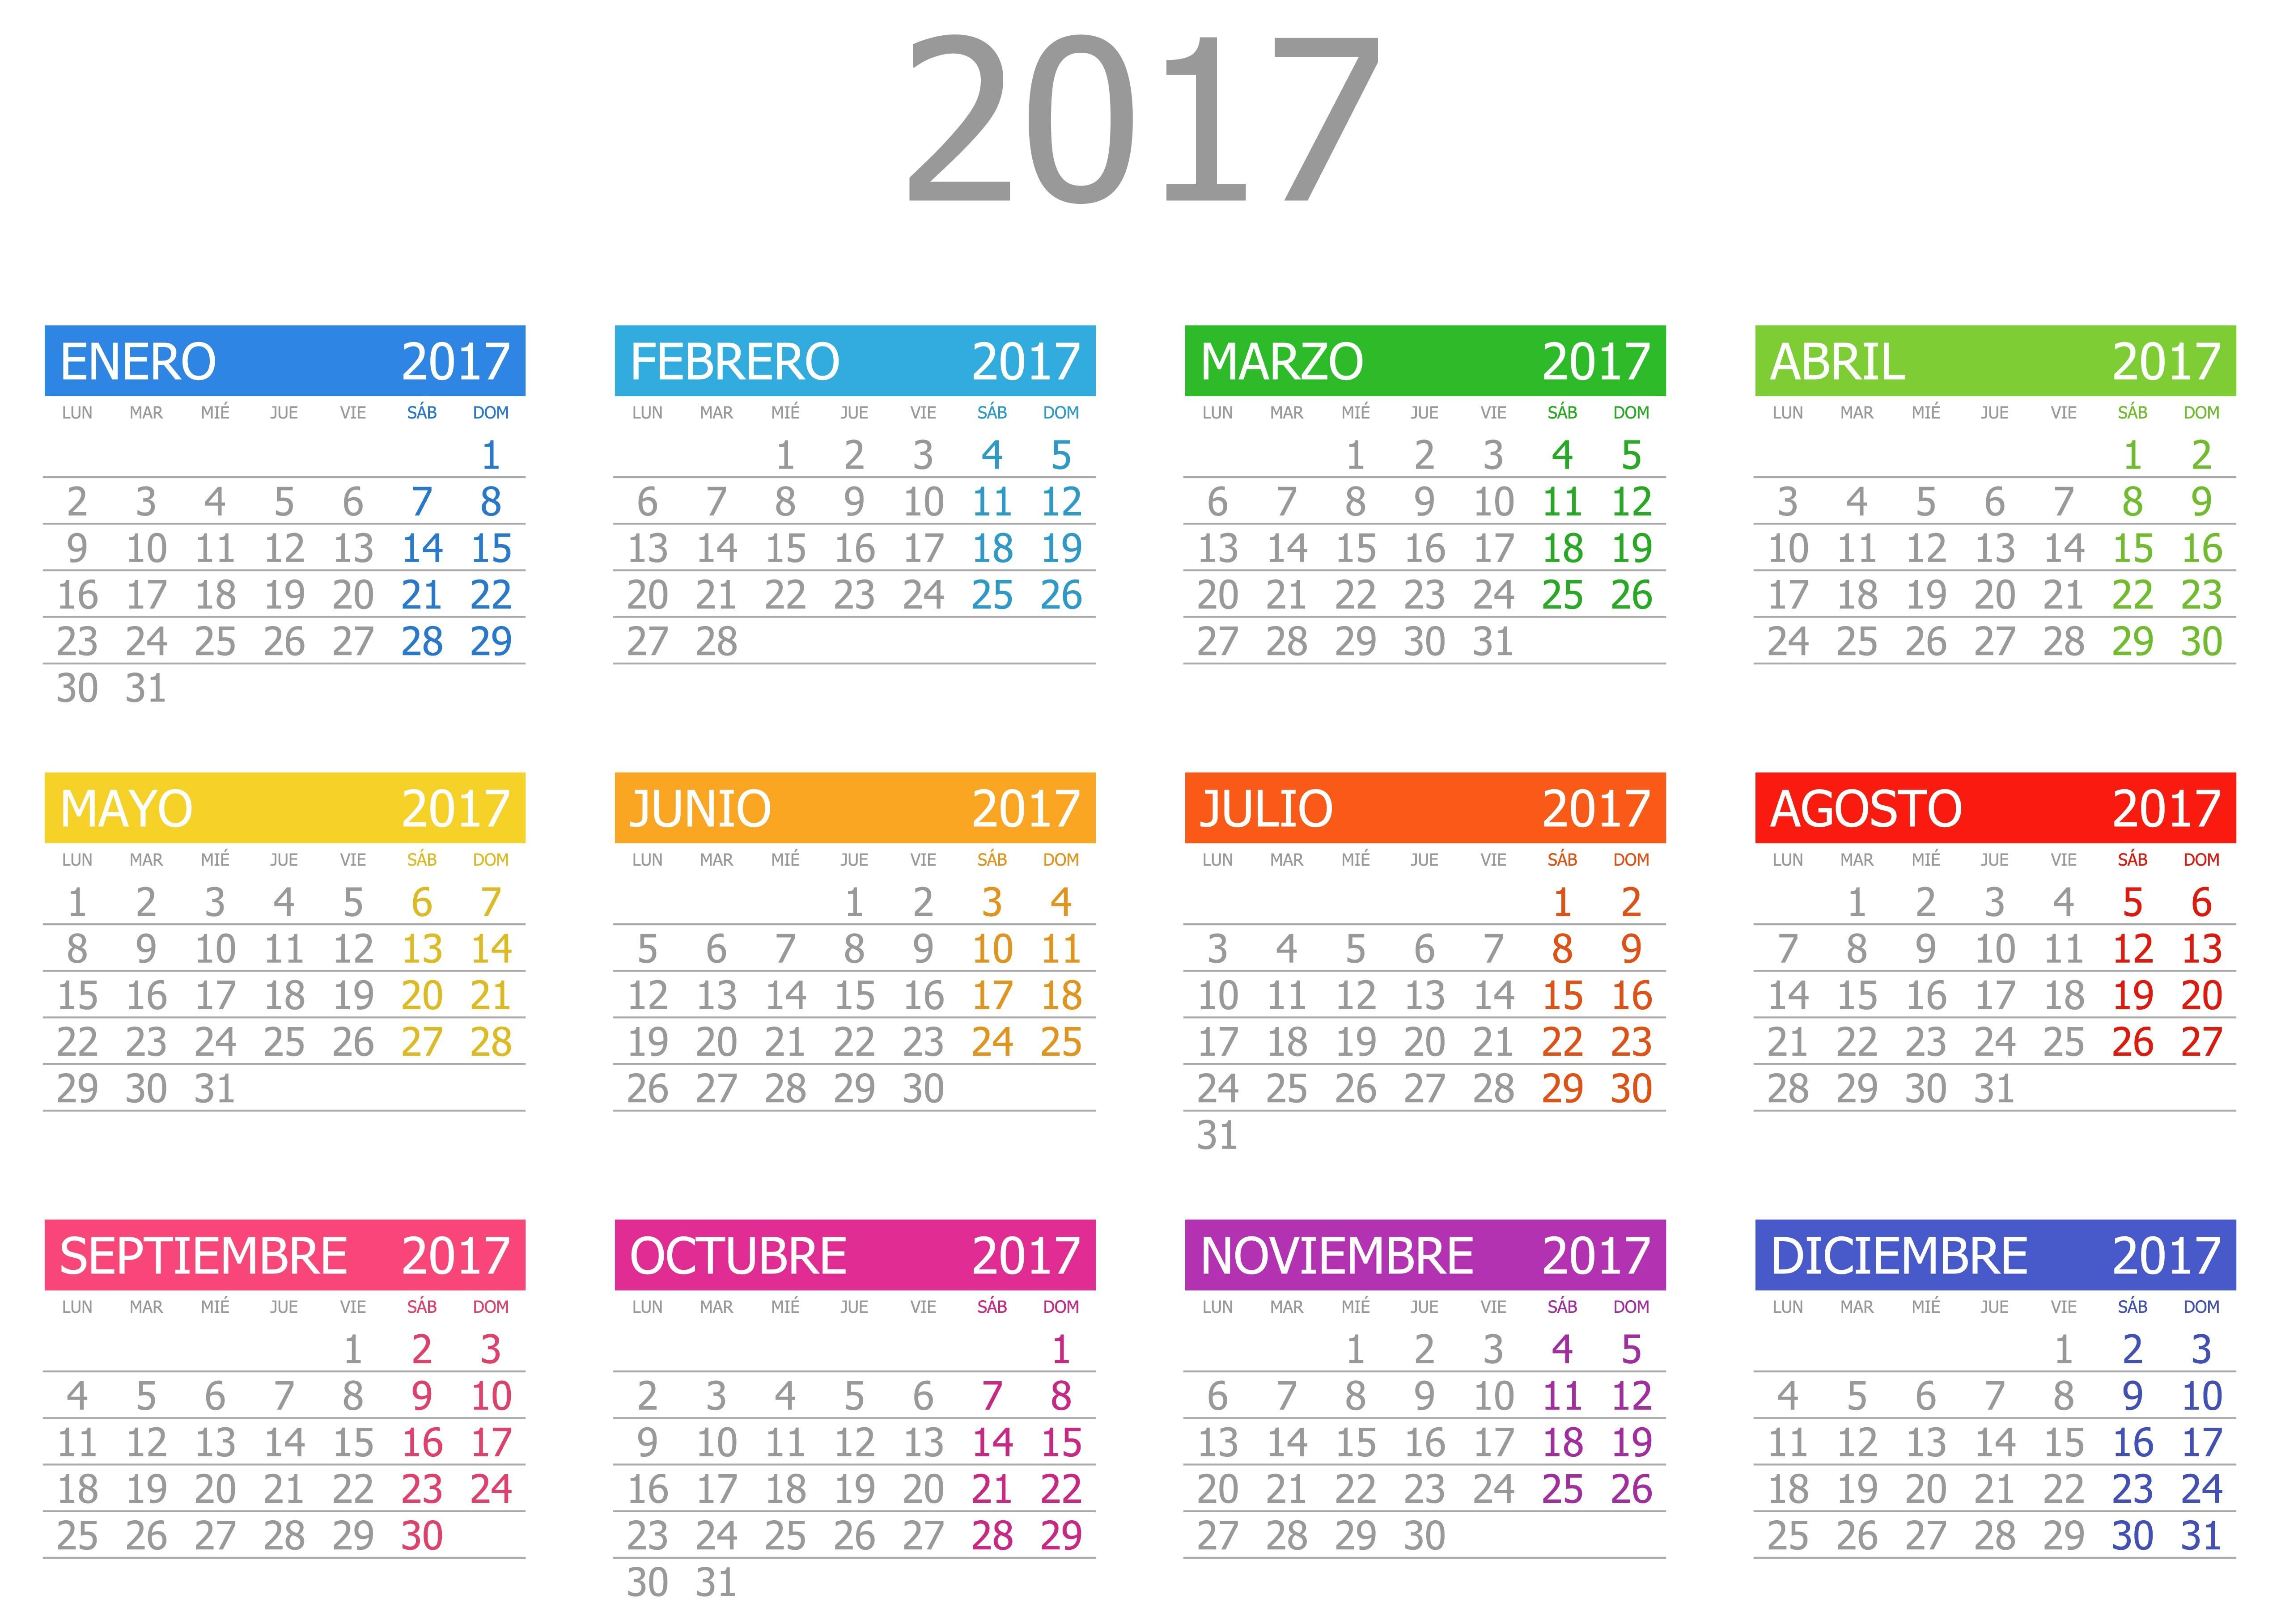 Calendario Planificador 2017 Chile Para Imprimir Recientes Imprimir Calendario Cheap Calendario Noviembre Calendario Anual Of Calendario Planificador 2017 Chile Para Imprimir Actual Pin De Gladys En Imagenes Para Calendario Pinterest